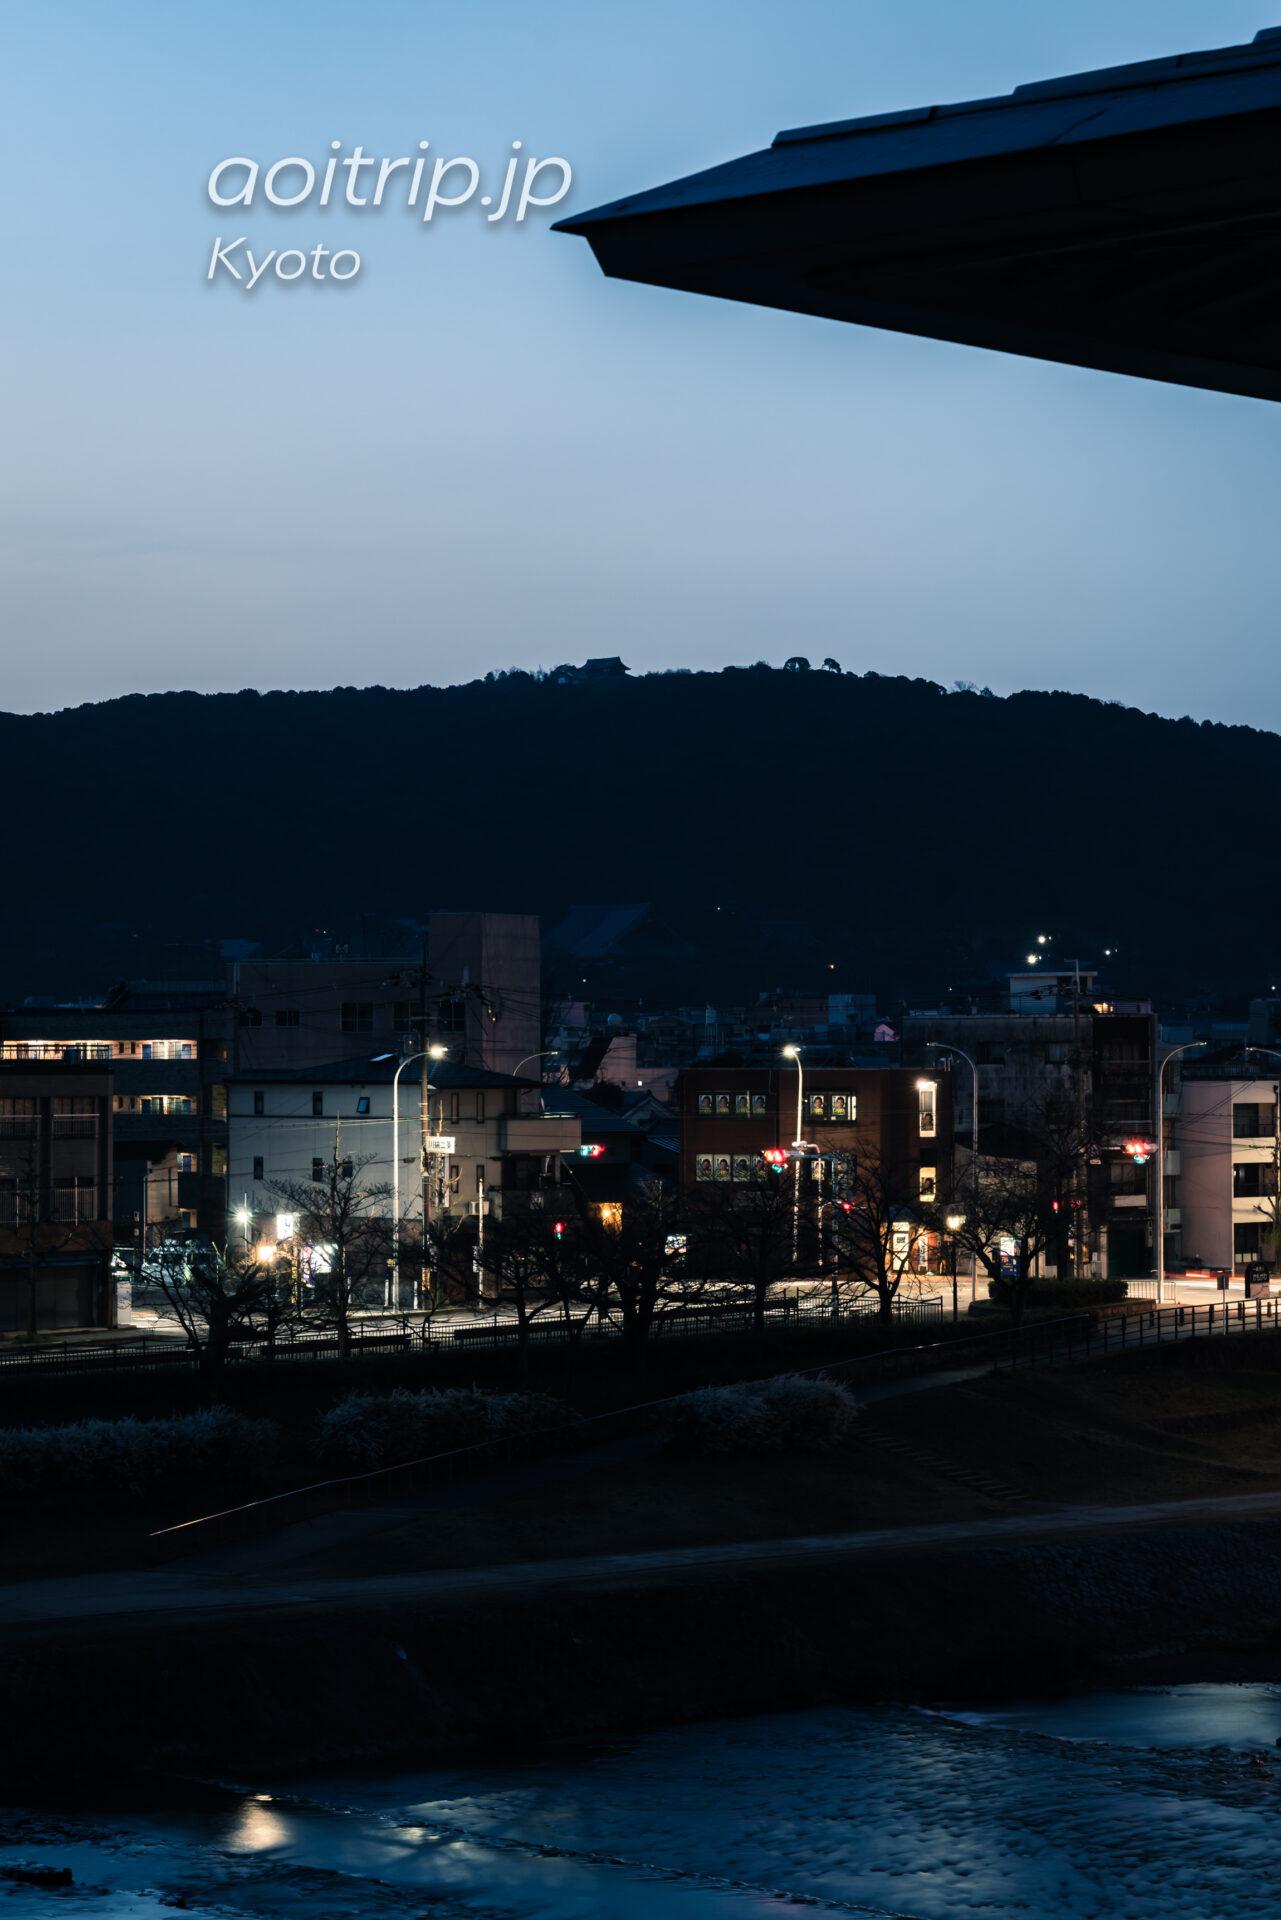 ザ リッツカールトン京都から望む円山 夜明け前